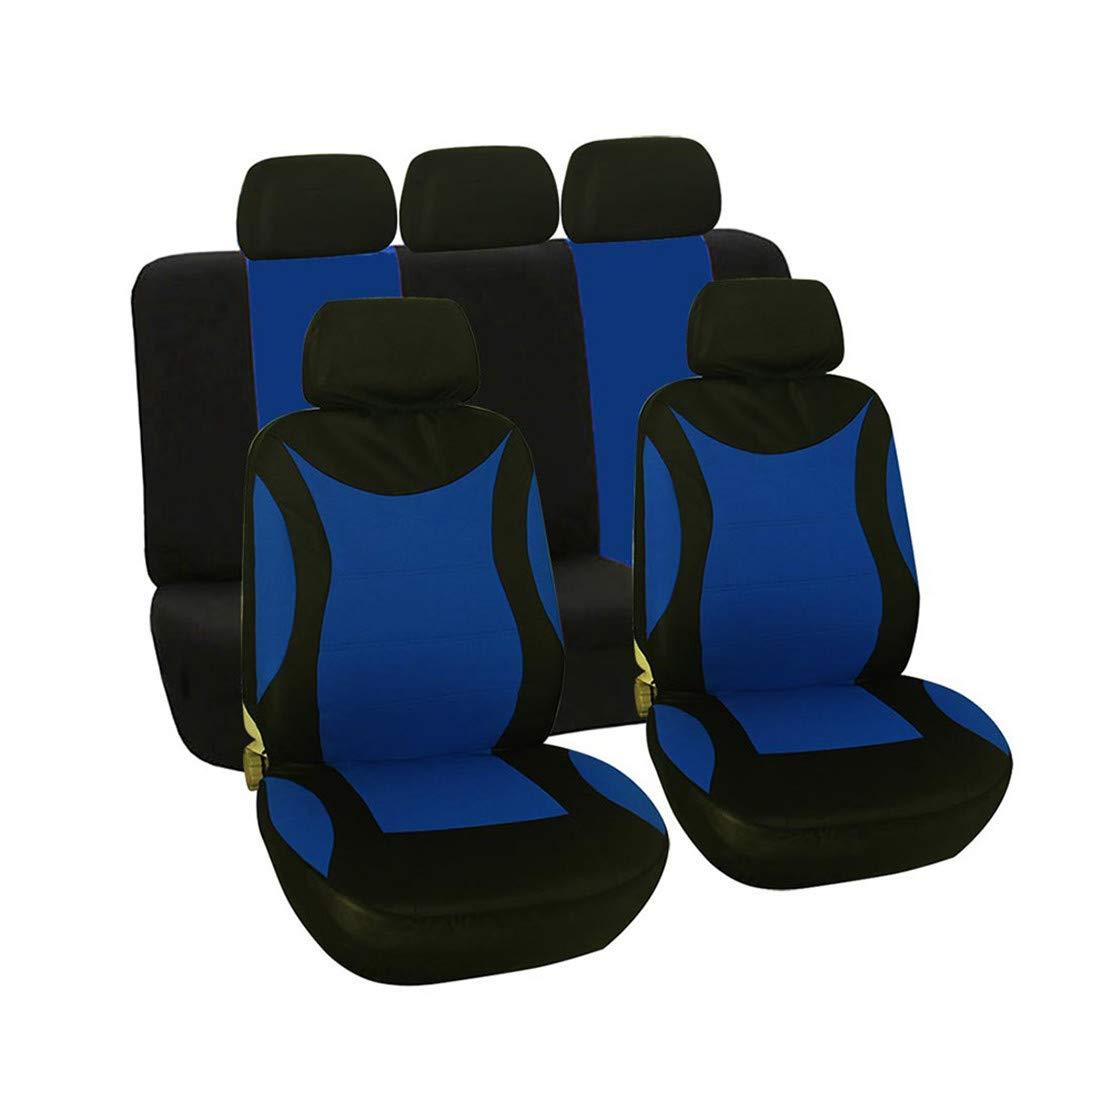 GODGETS Set Copri sedili per Auto Coprisedili Confortevoli Coprisedili Antipioggia Coprisedili Anteriori e Posteriori Universale per Auto,Nero Grigio,2 Seater Anteriore